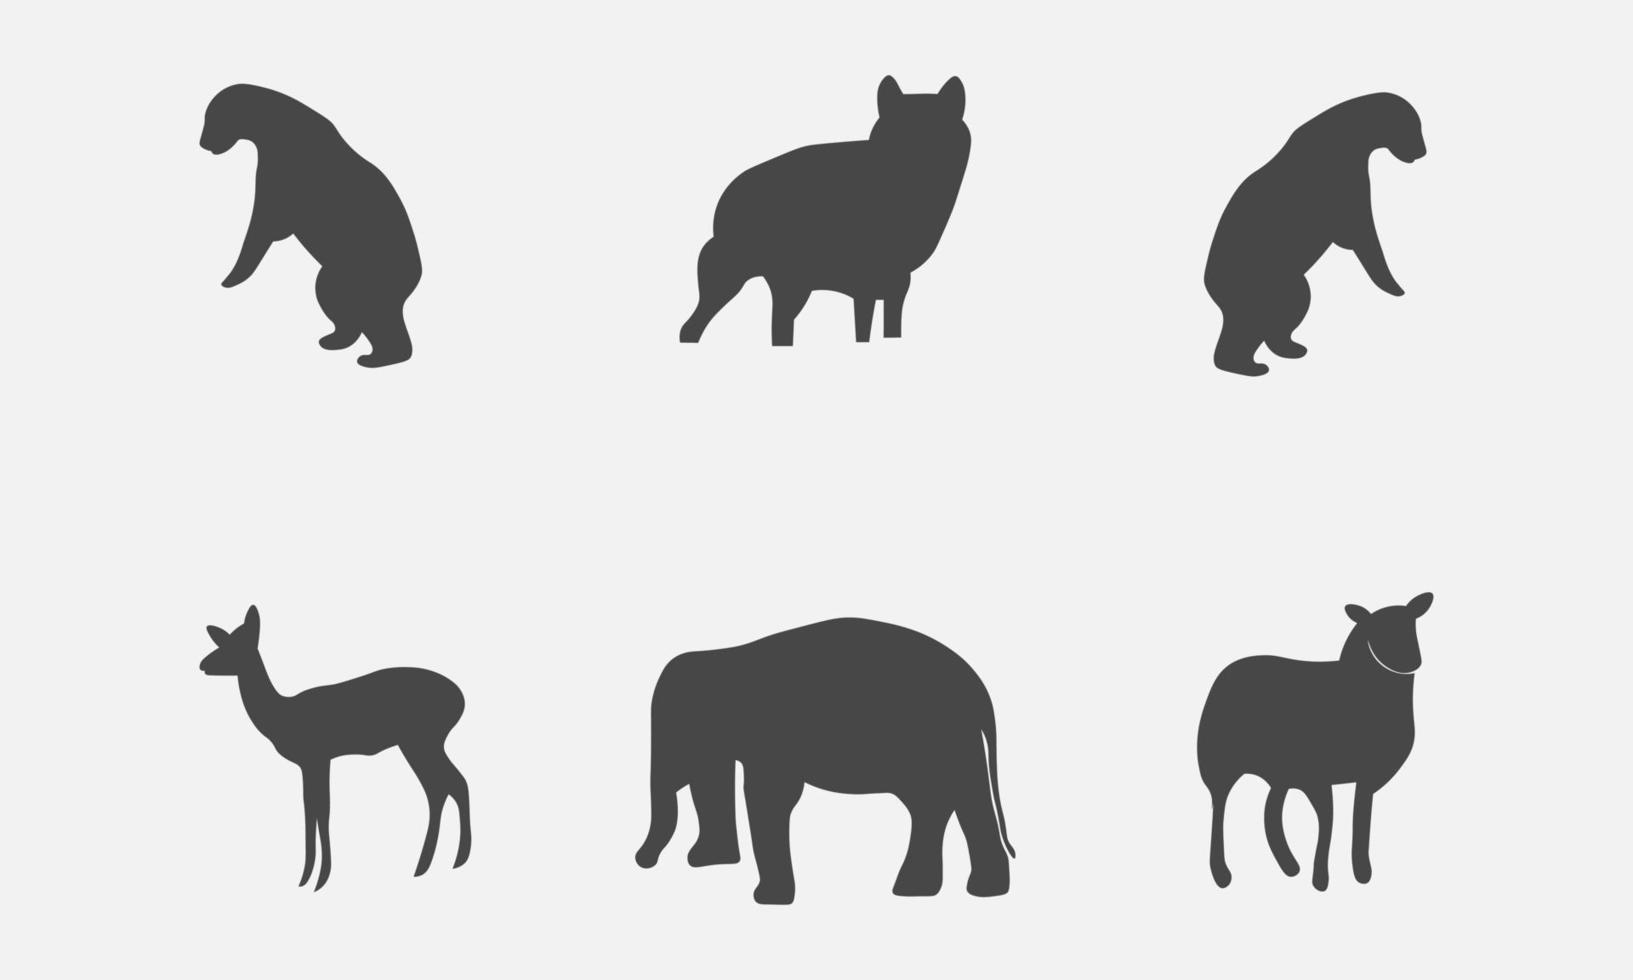 illustration vectorielle d & # 39; une collection de silhouettes de mammifères animaux vecteur